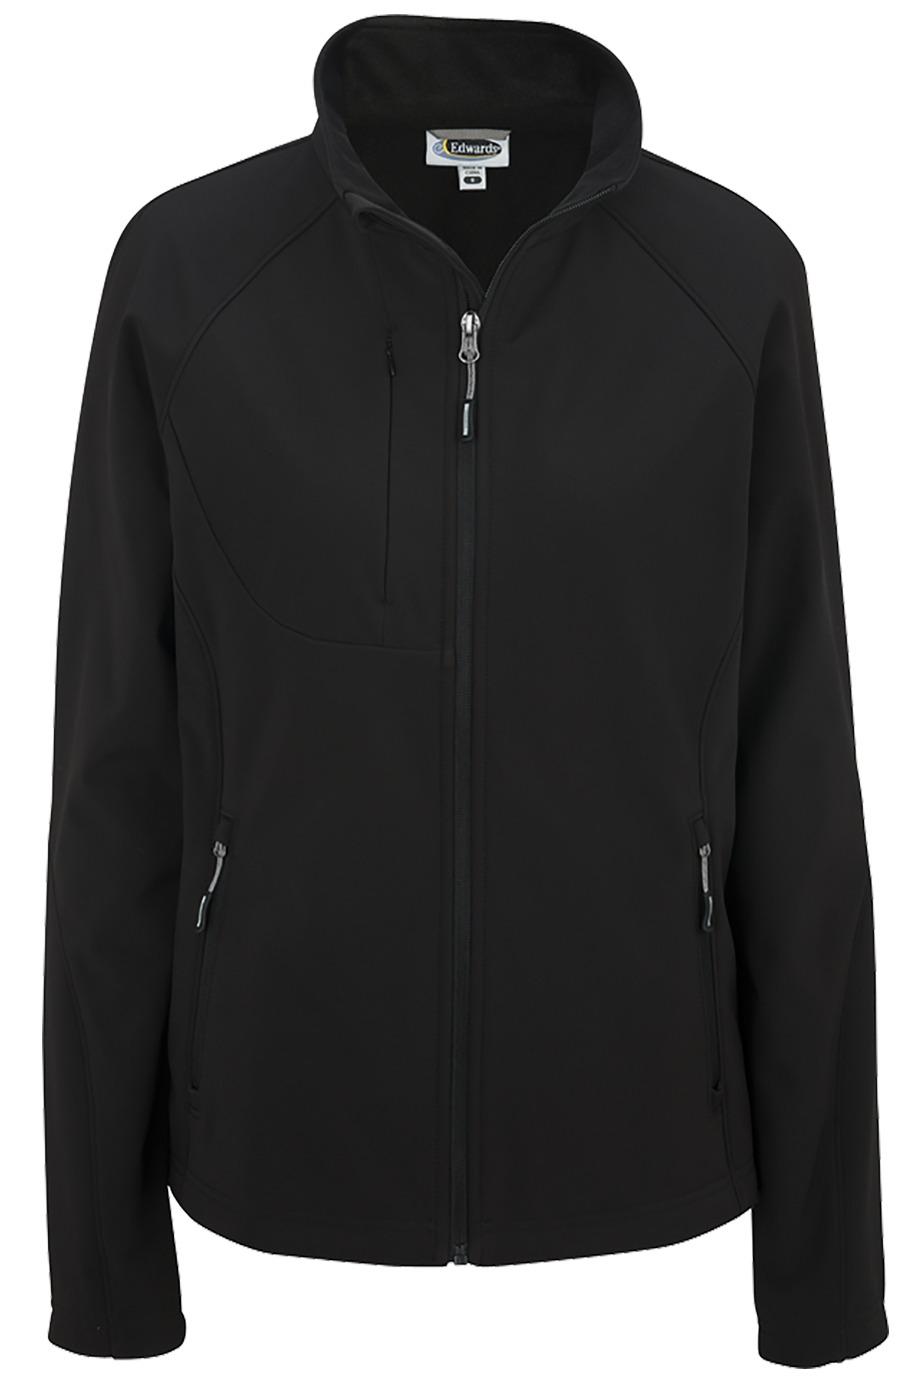 Edwards Garment 6420 - Ladies' Soft Shell Jacket